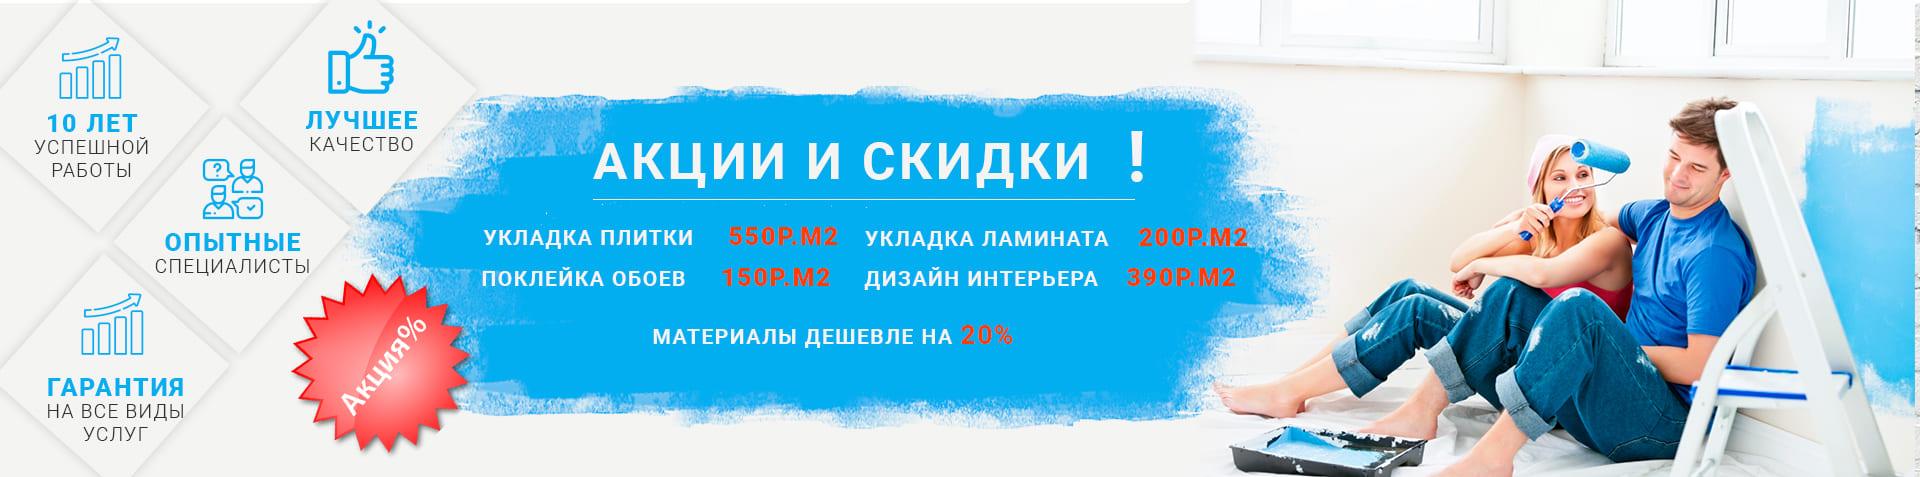 Ремонт квартир в Москве под ключ – от НОВЫЙ-РЕМОНТ